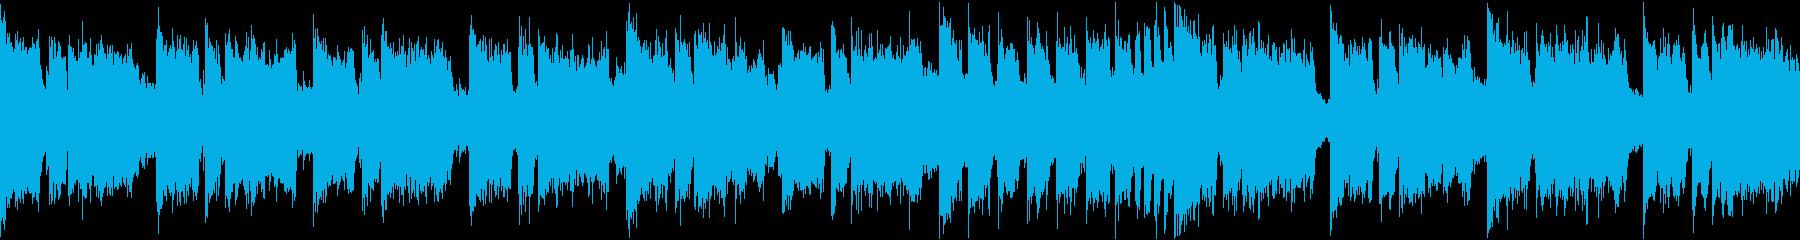 39秒でサビ、琴、ダーク/静かめループの再生済みの波形